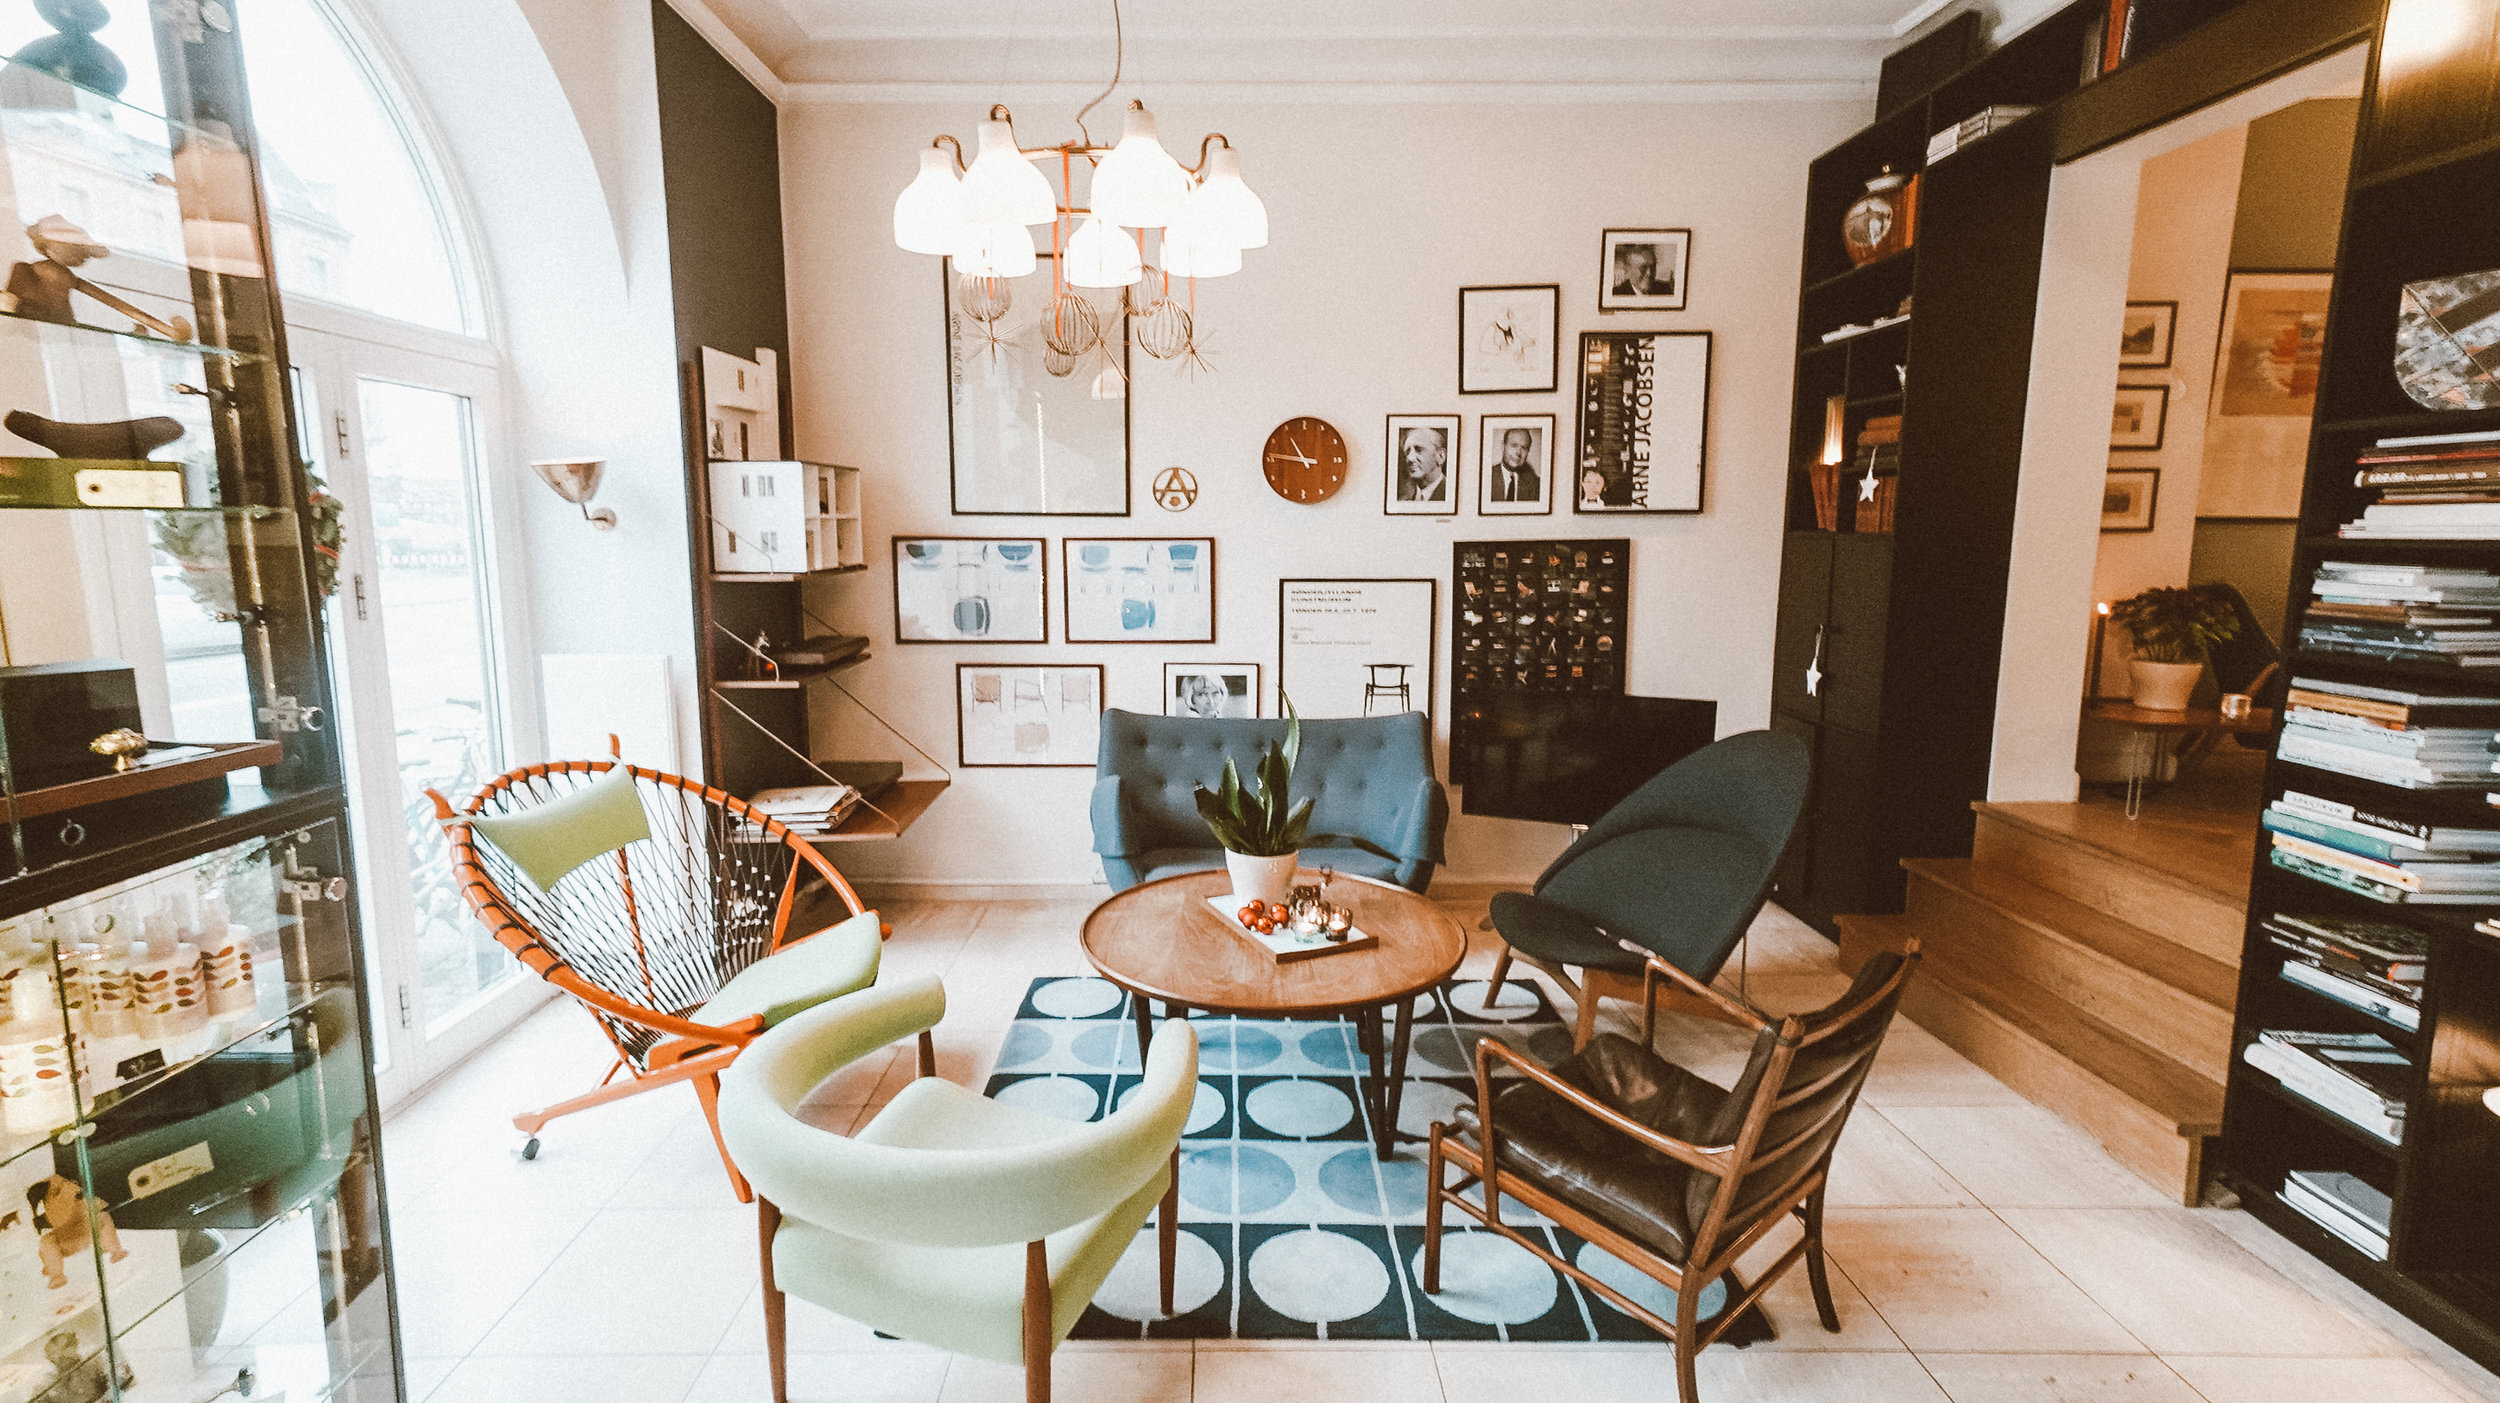 Hotel Alexandra Copenhagen Review - Lobby Reception Area